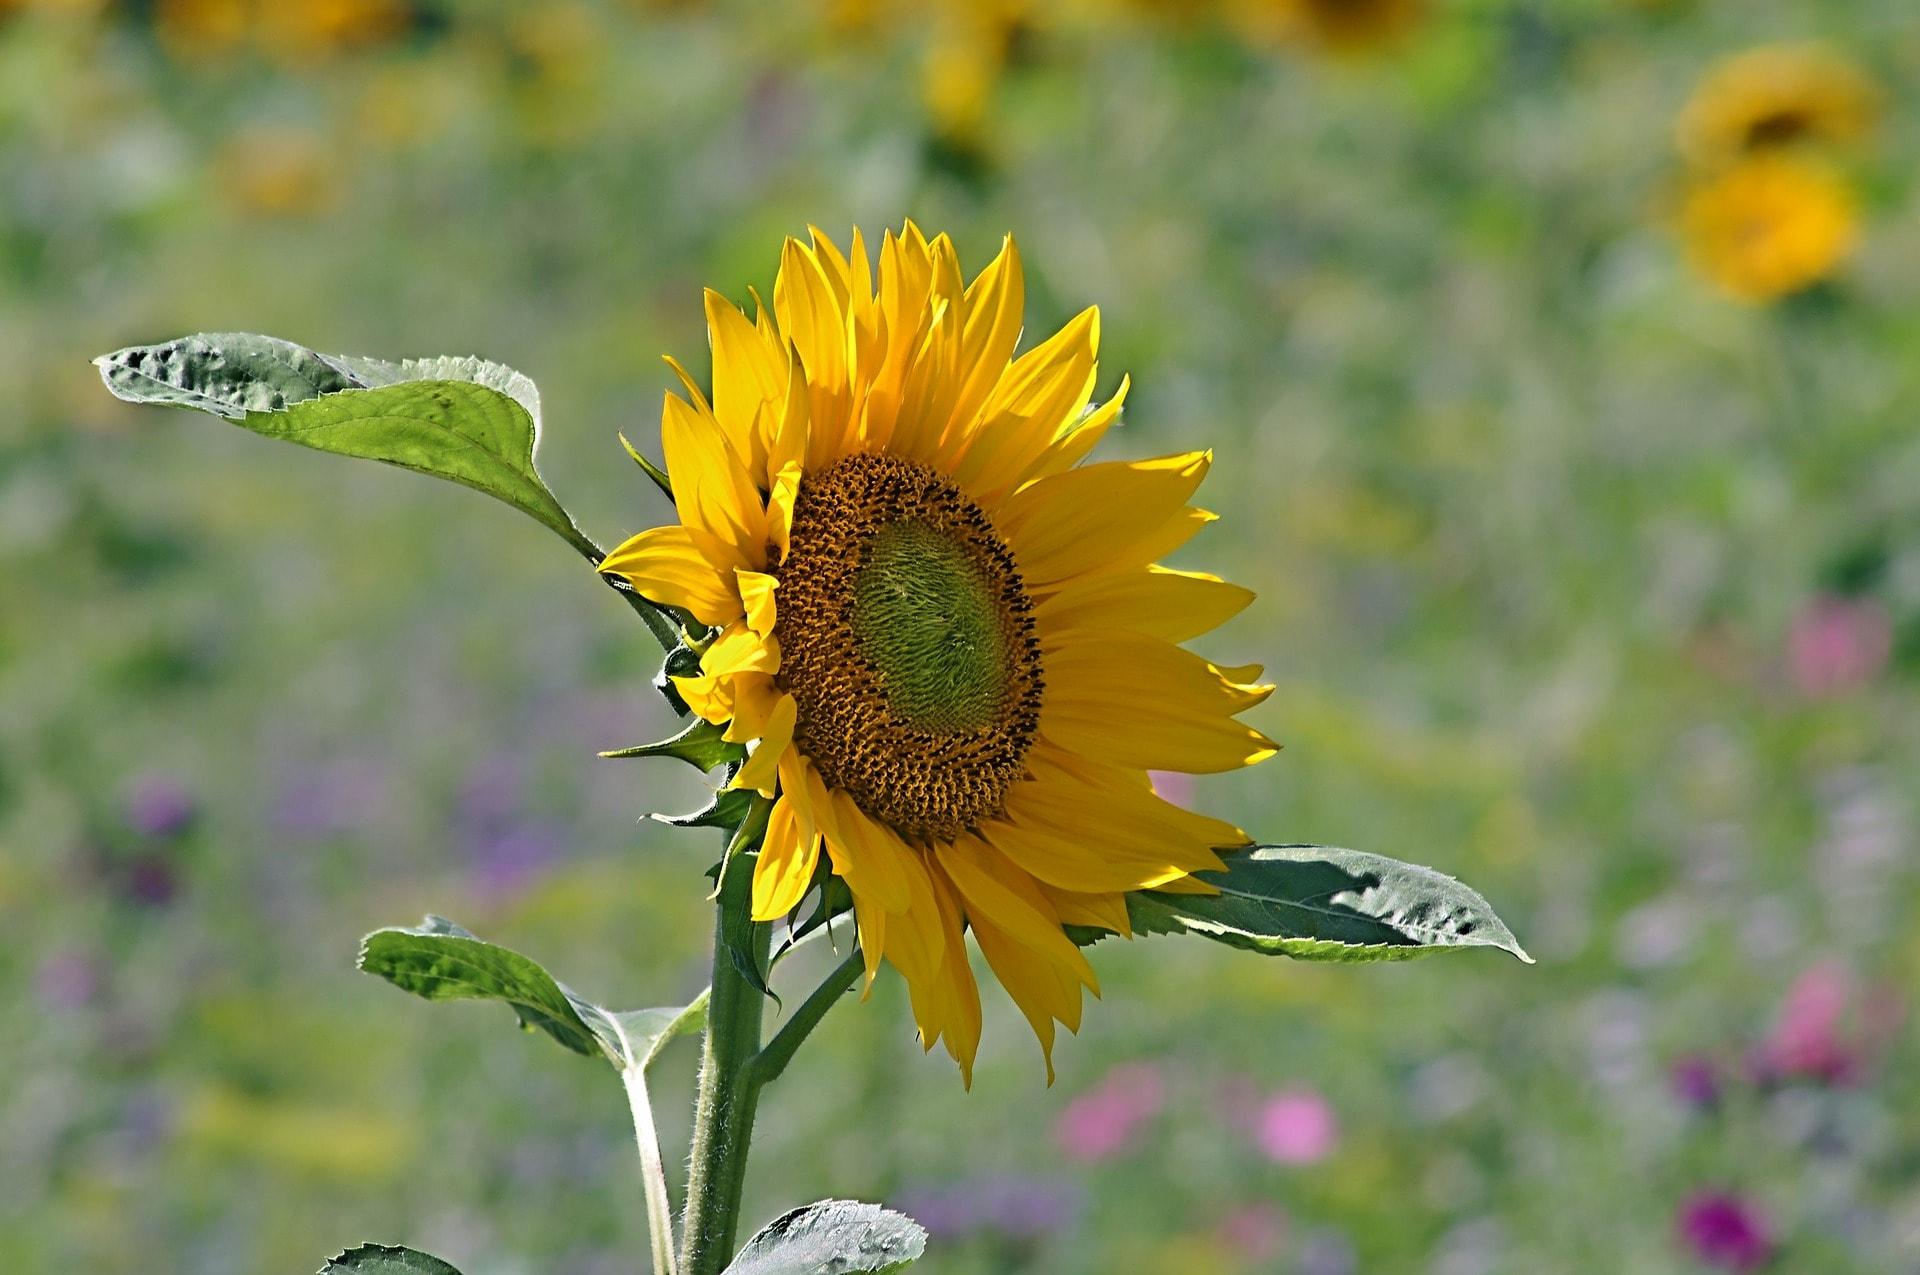 証人喚問と太陽